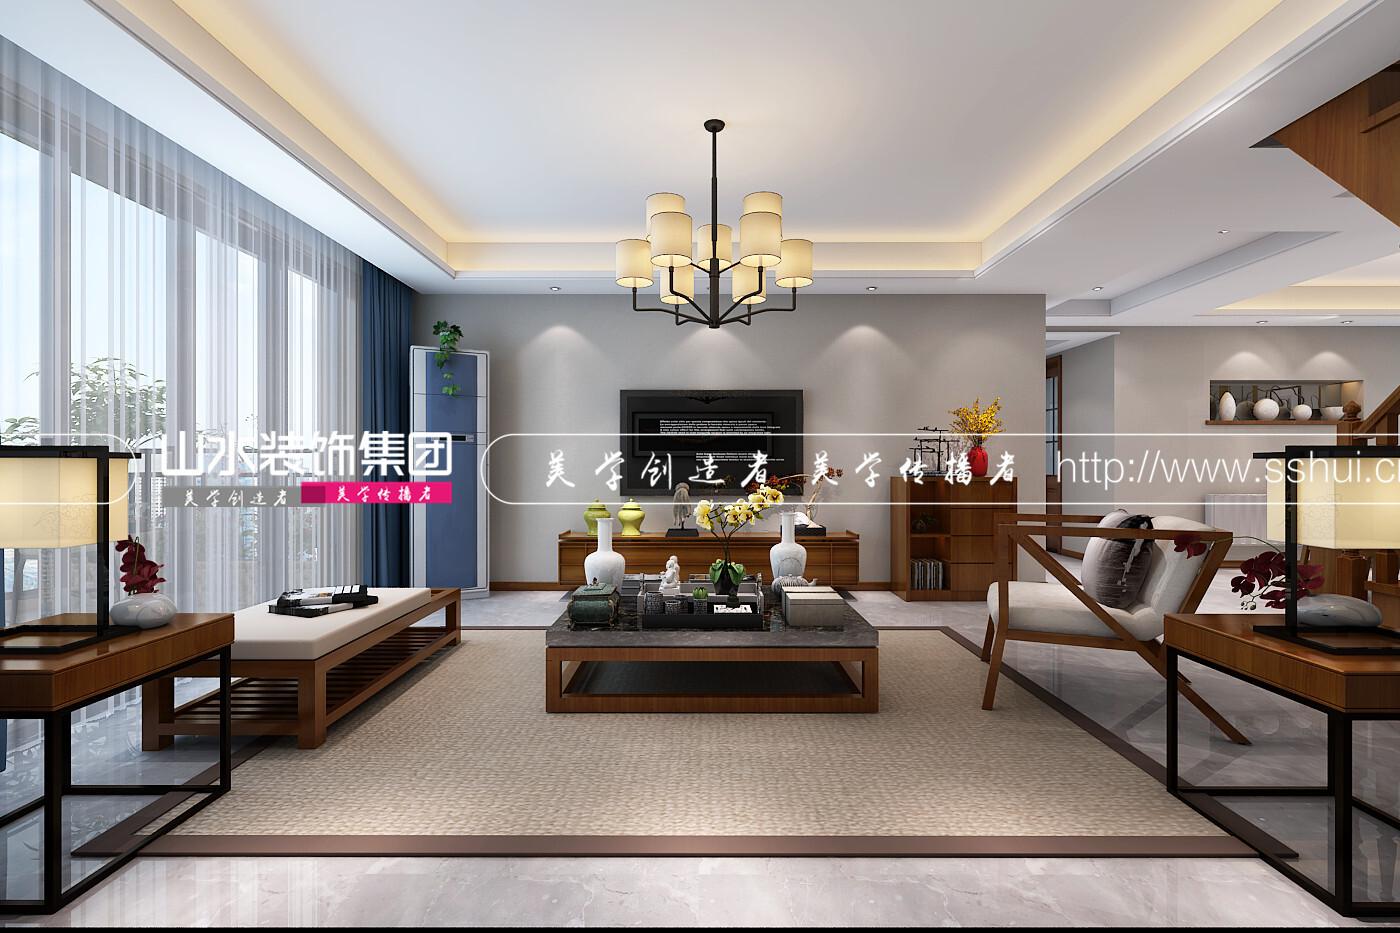 文景新城新中式风格装修效果图-150平米四居室